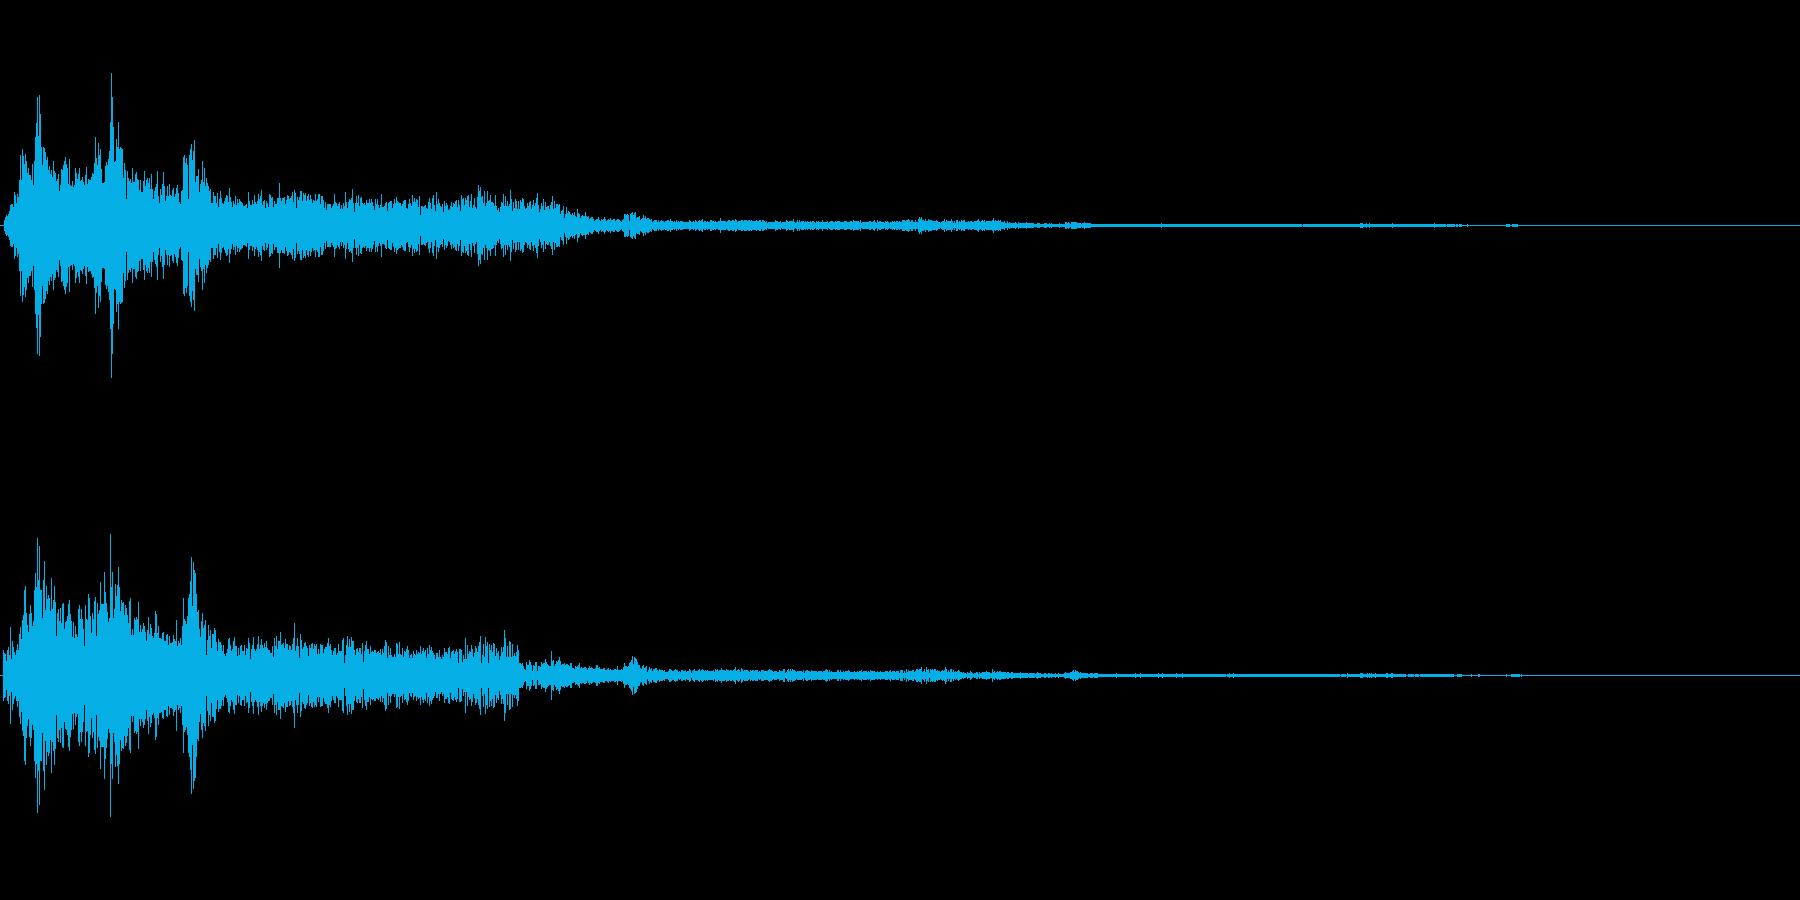 チャッ(タイピング音)の再生済みの波形